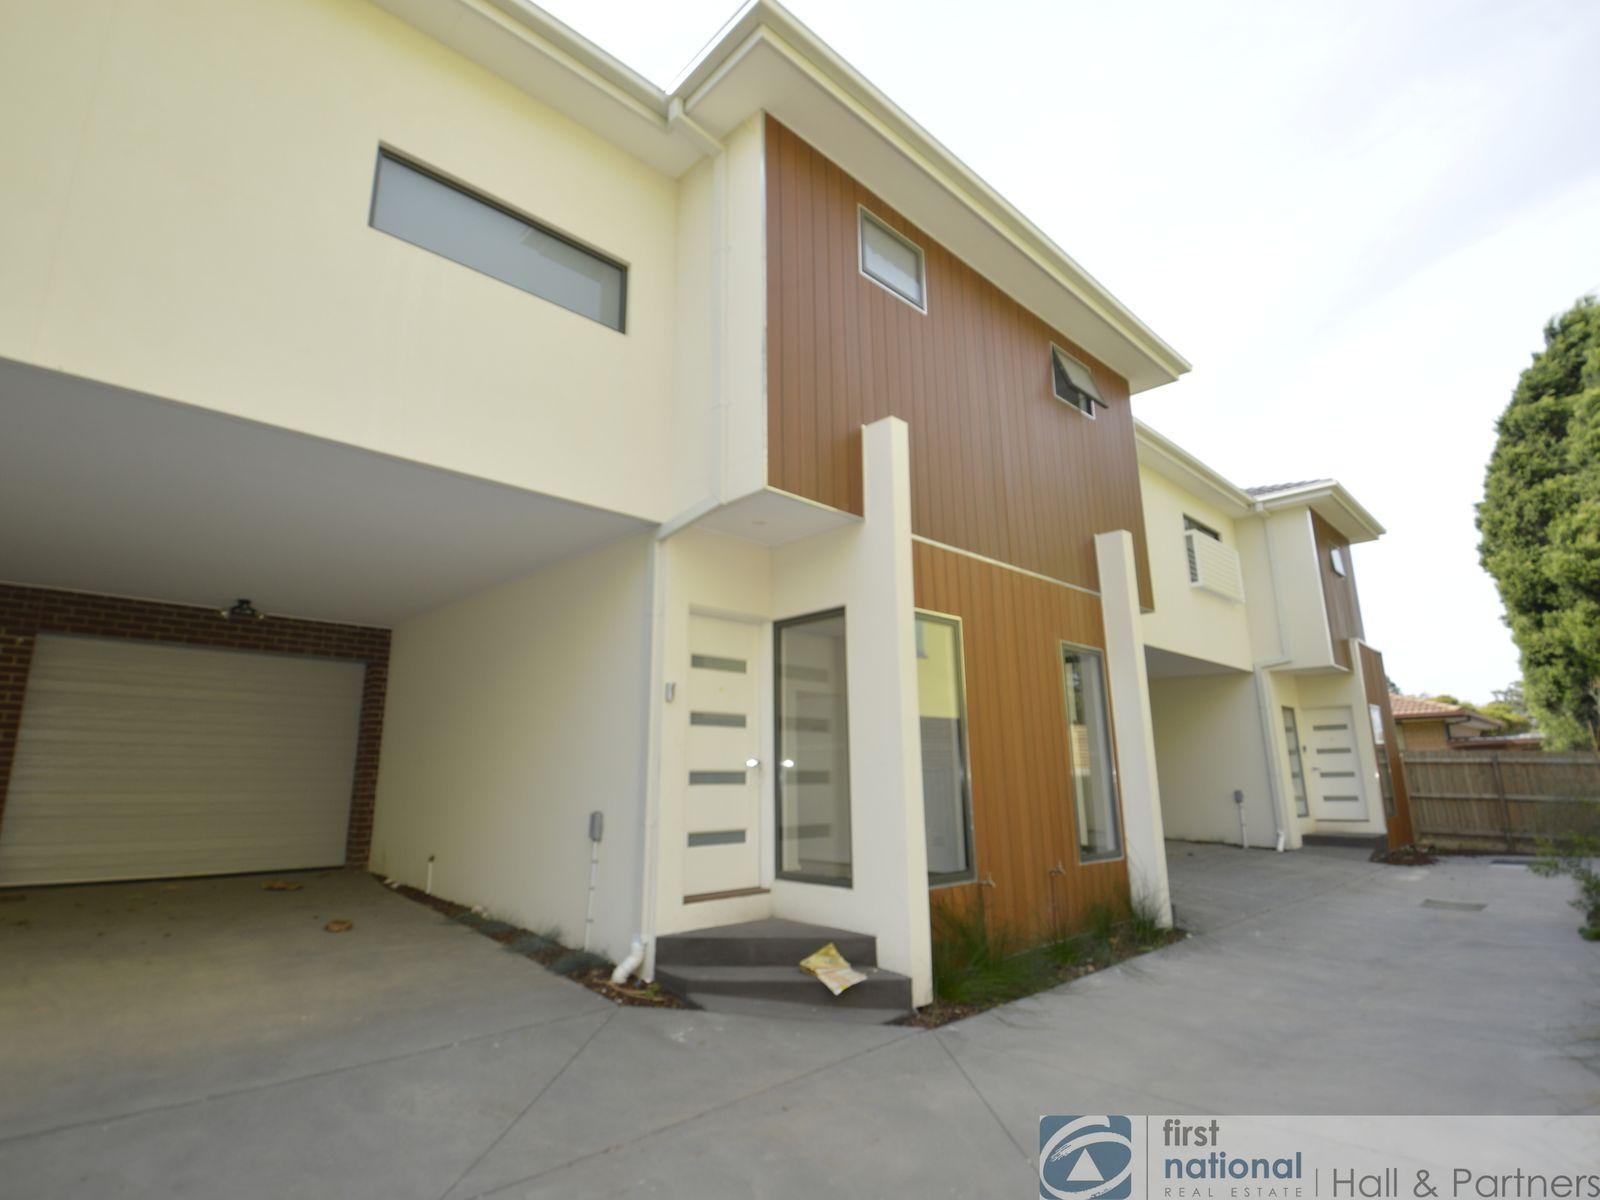 4/24 Wilma Avenue, Dandenong, VIC 3175